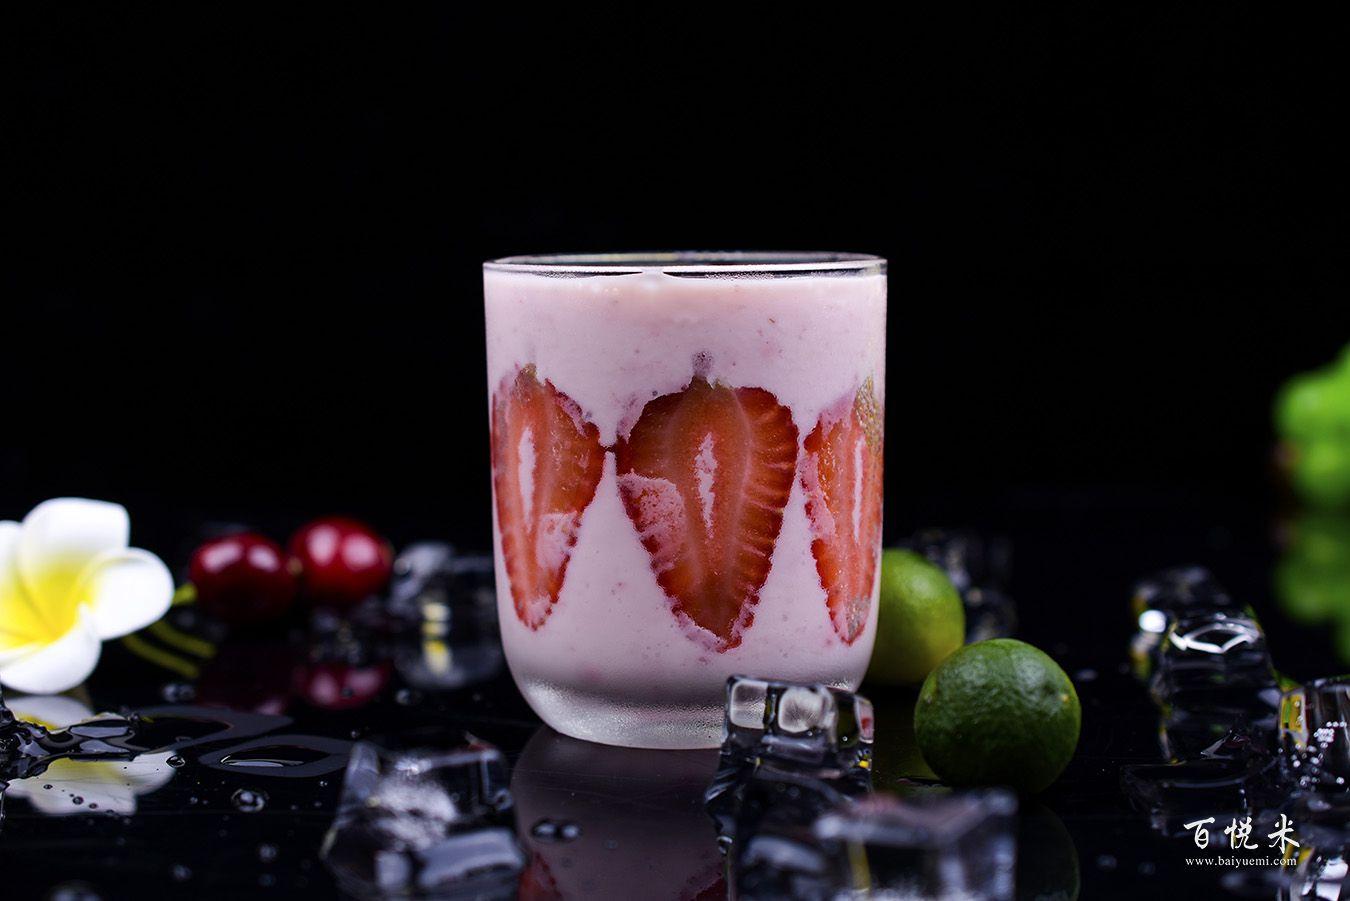 草莓酸奶奶昔的做法视频大全_西点培训学习教程